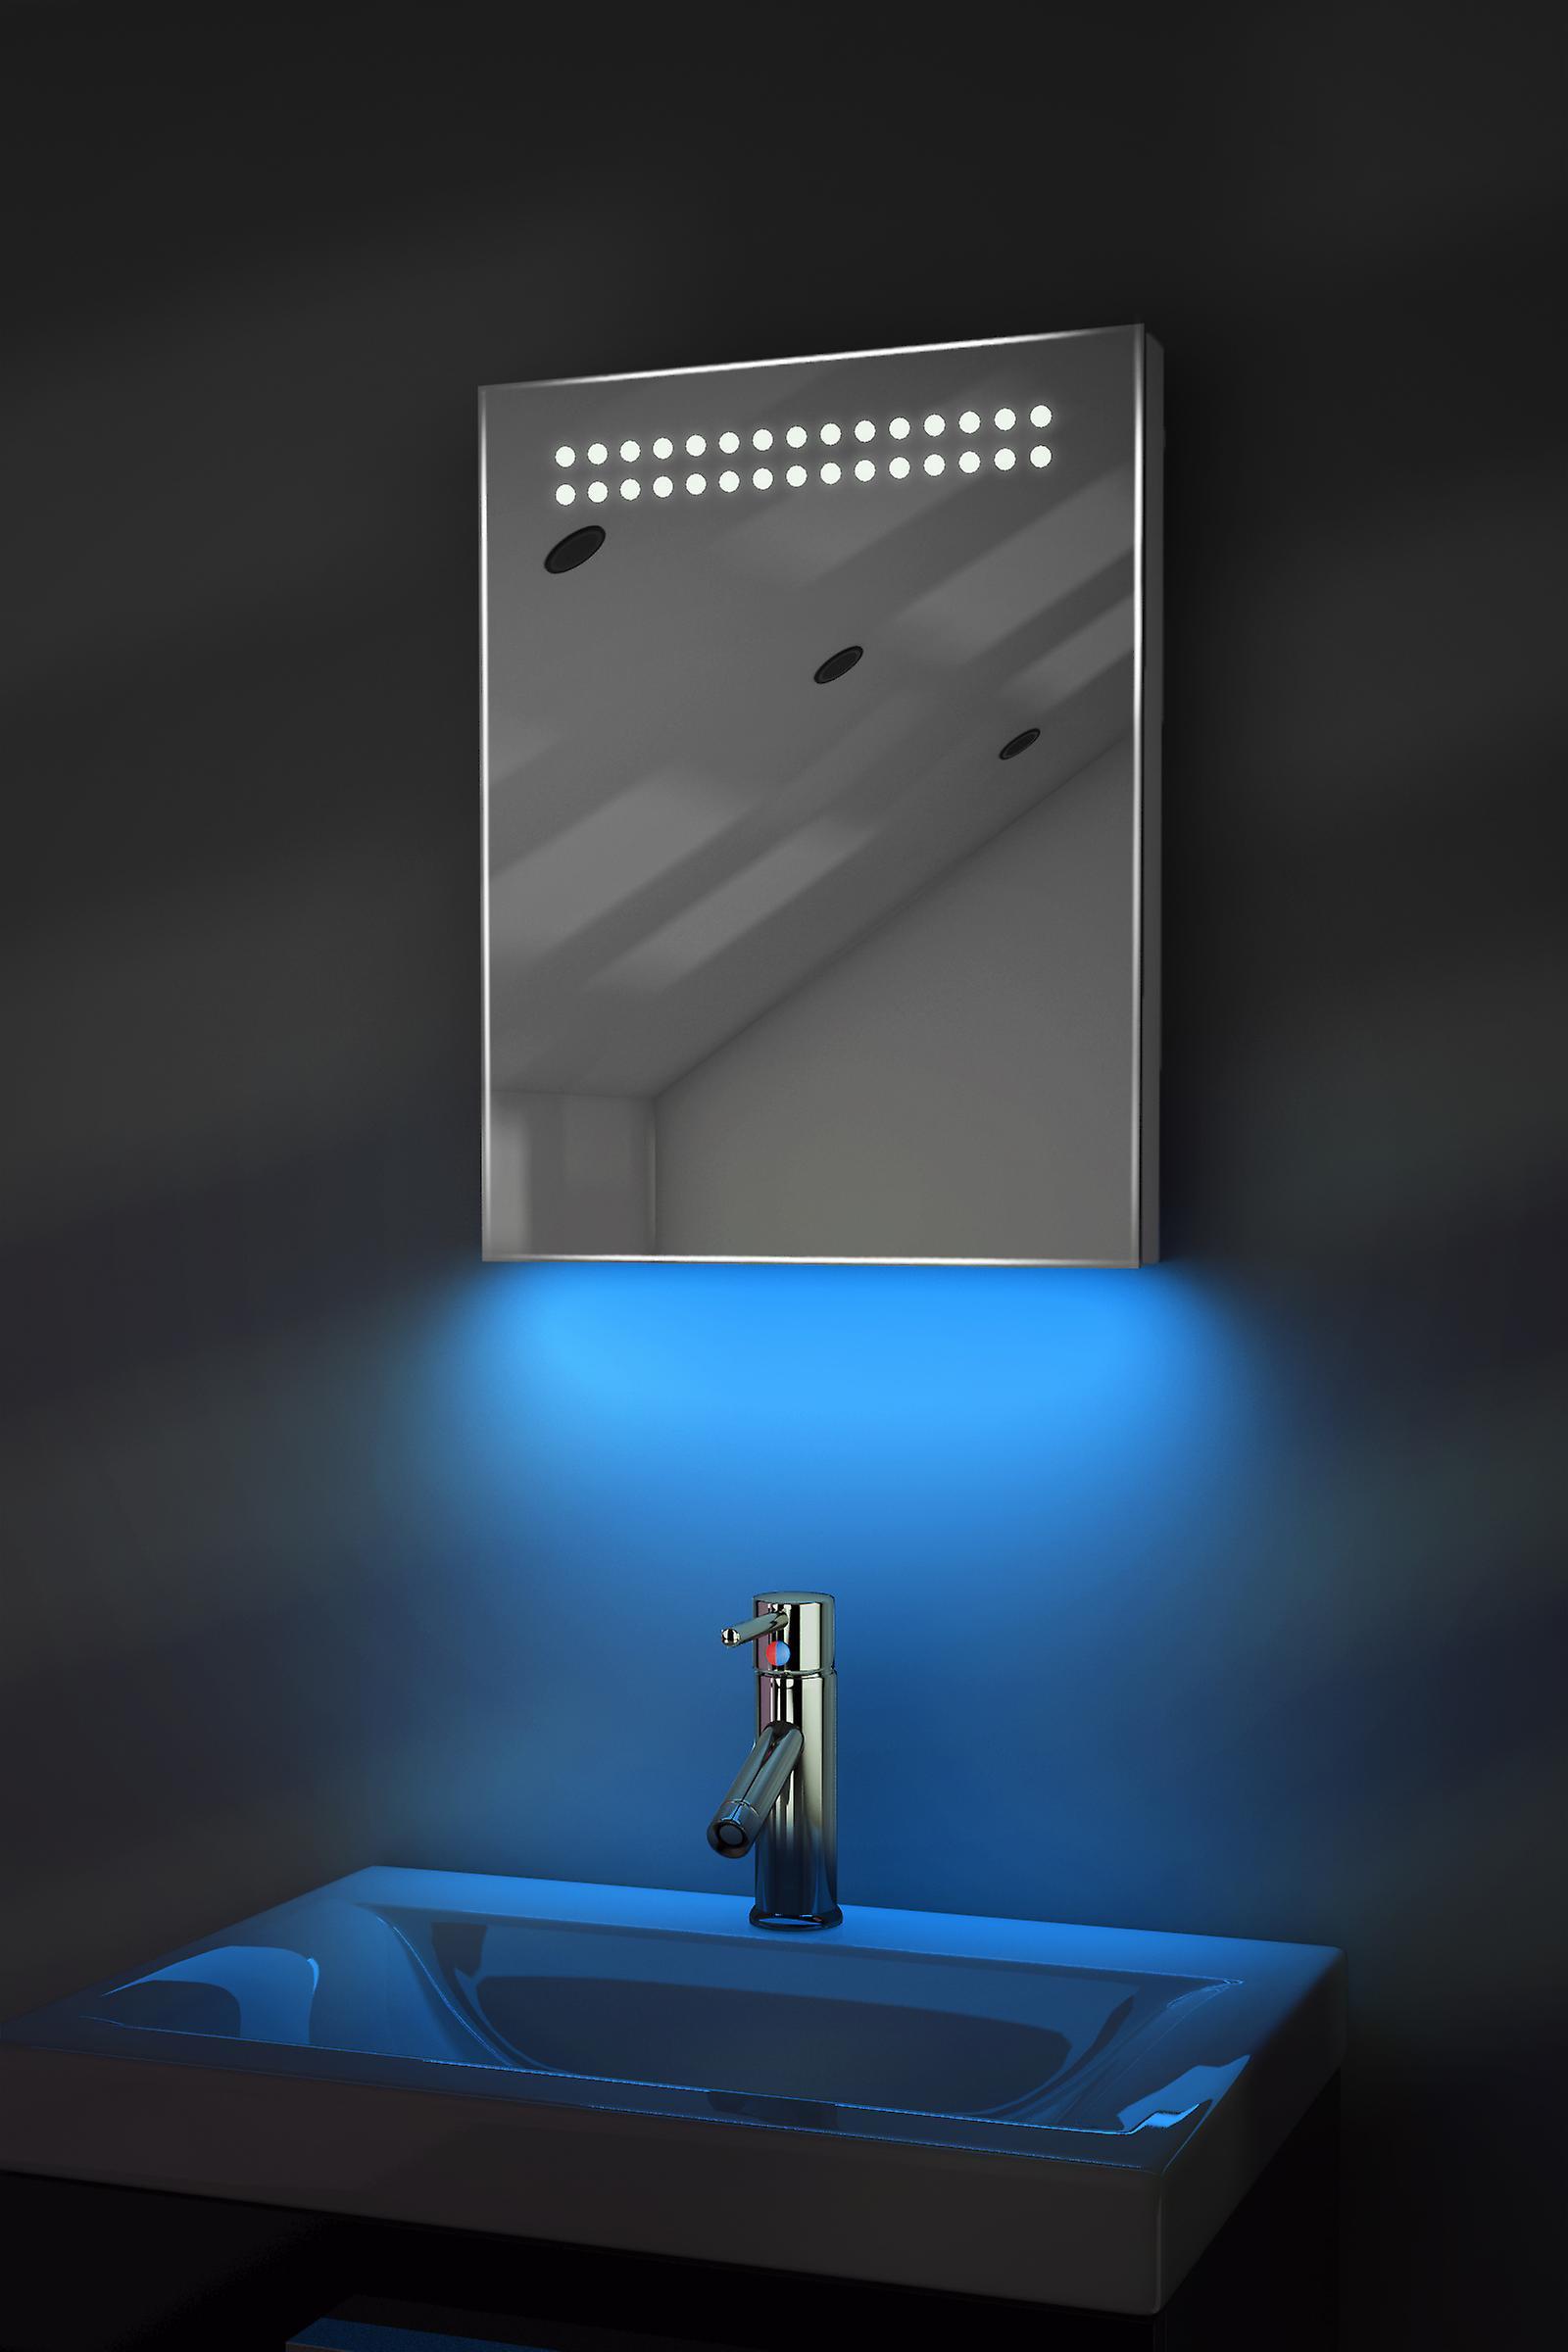 Auto Colour Change RGB avec Bluetooth, Demist et Sensor k8rgbaud